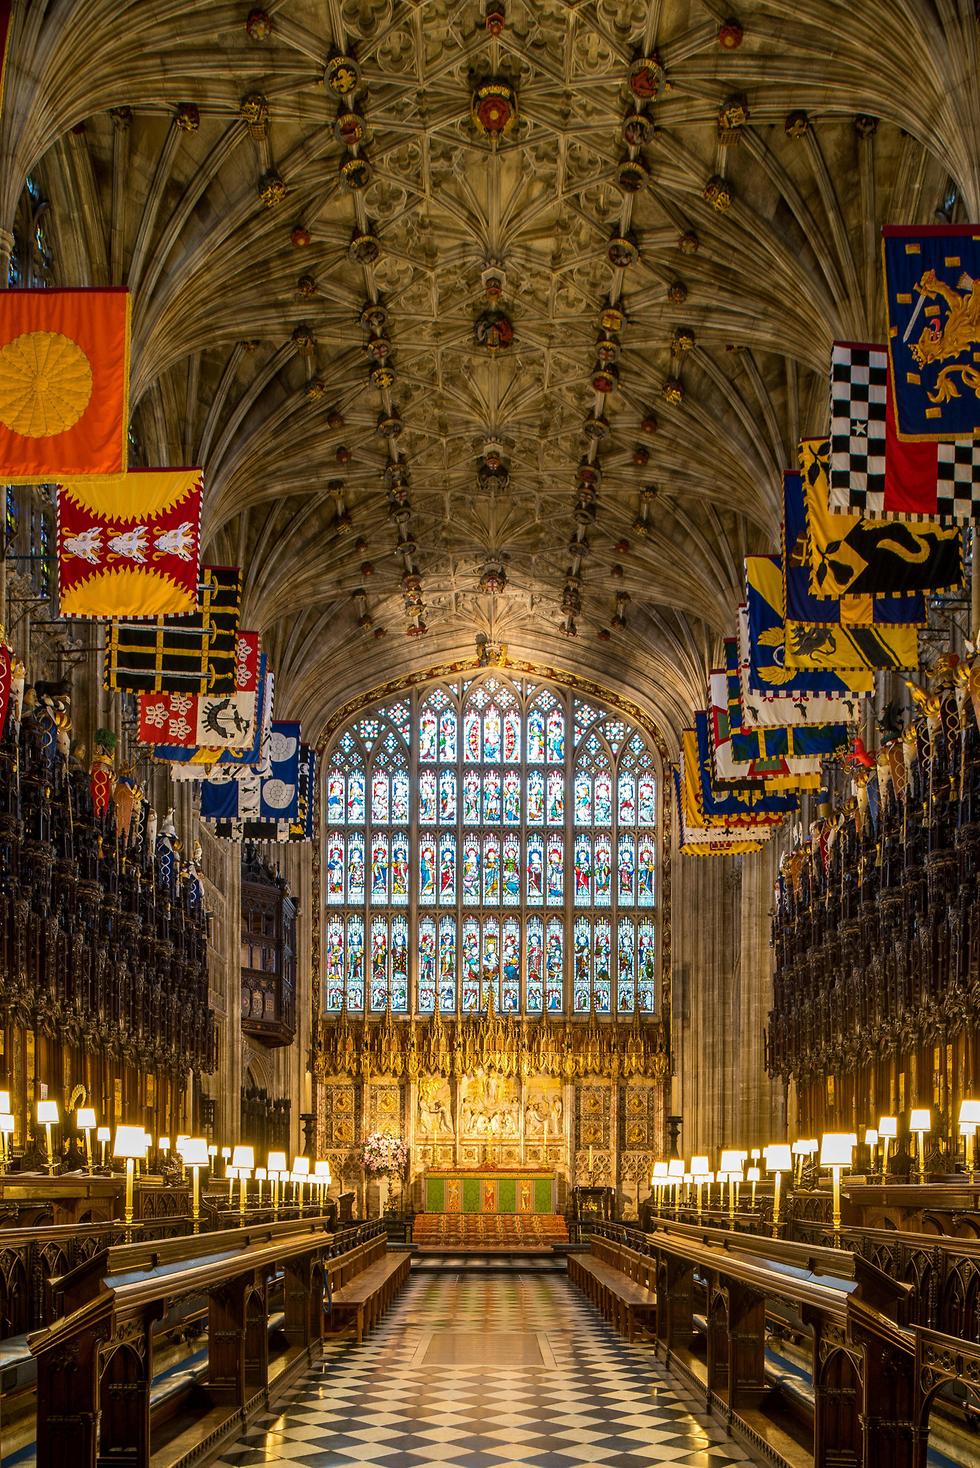 600 ברי מזל, בהם ידוענים רבים, הוזמנו לטקס בפנים (צילום: רויטרס) (צילום: רויטרס)